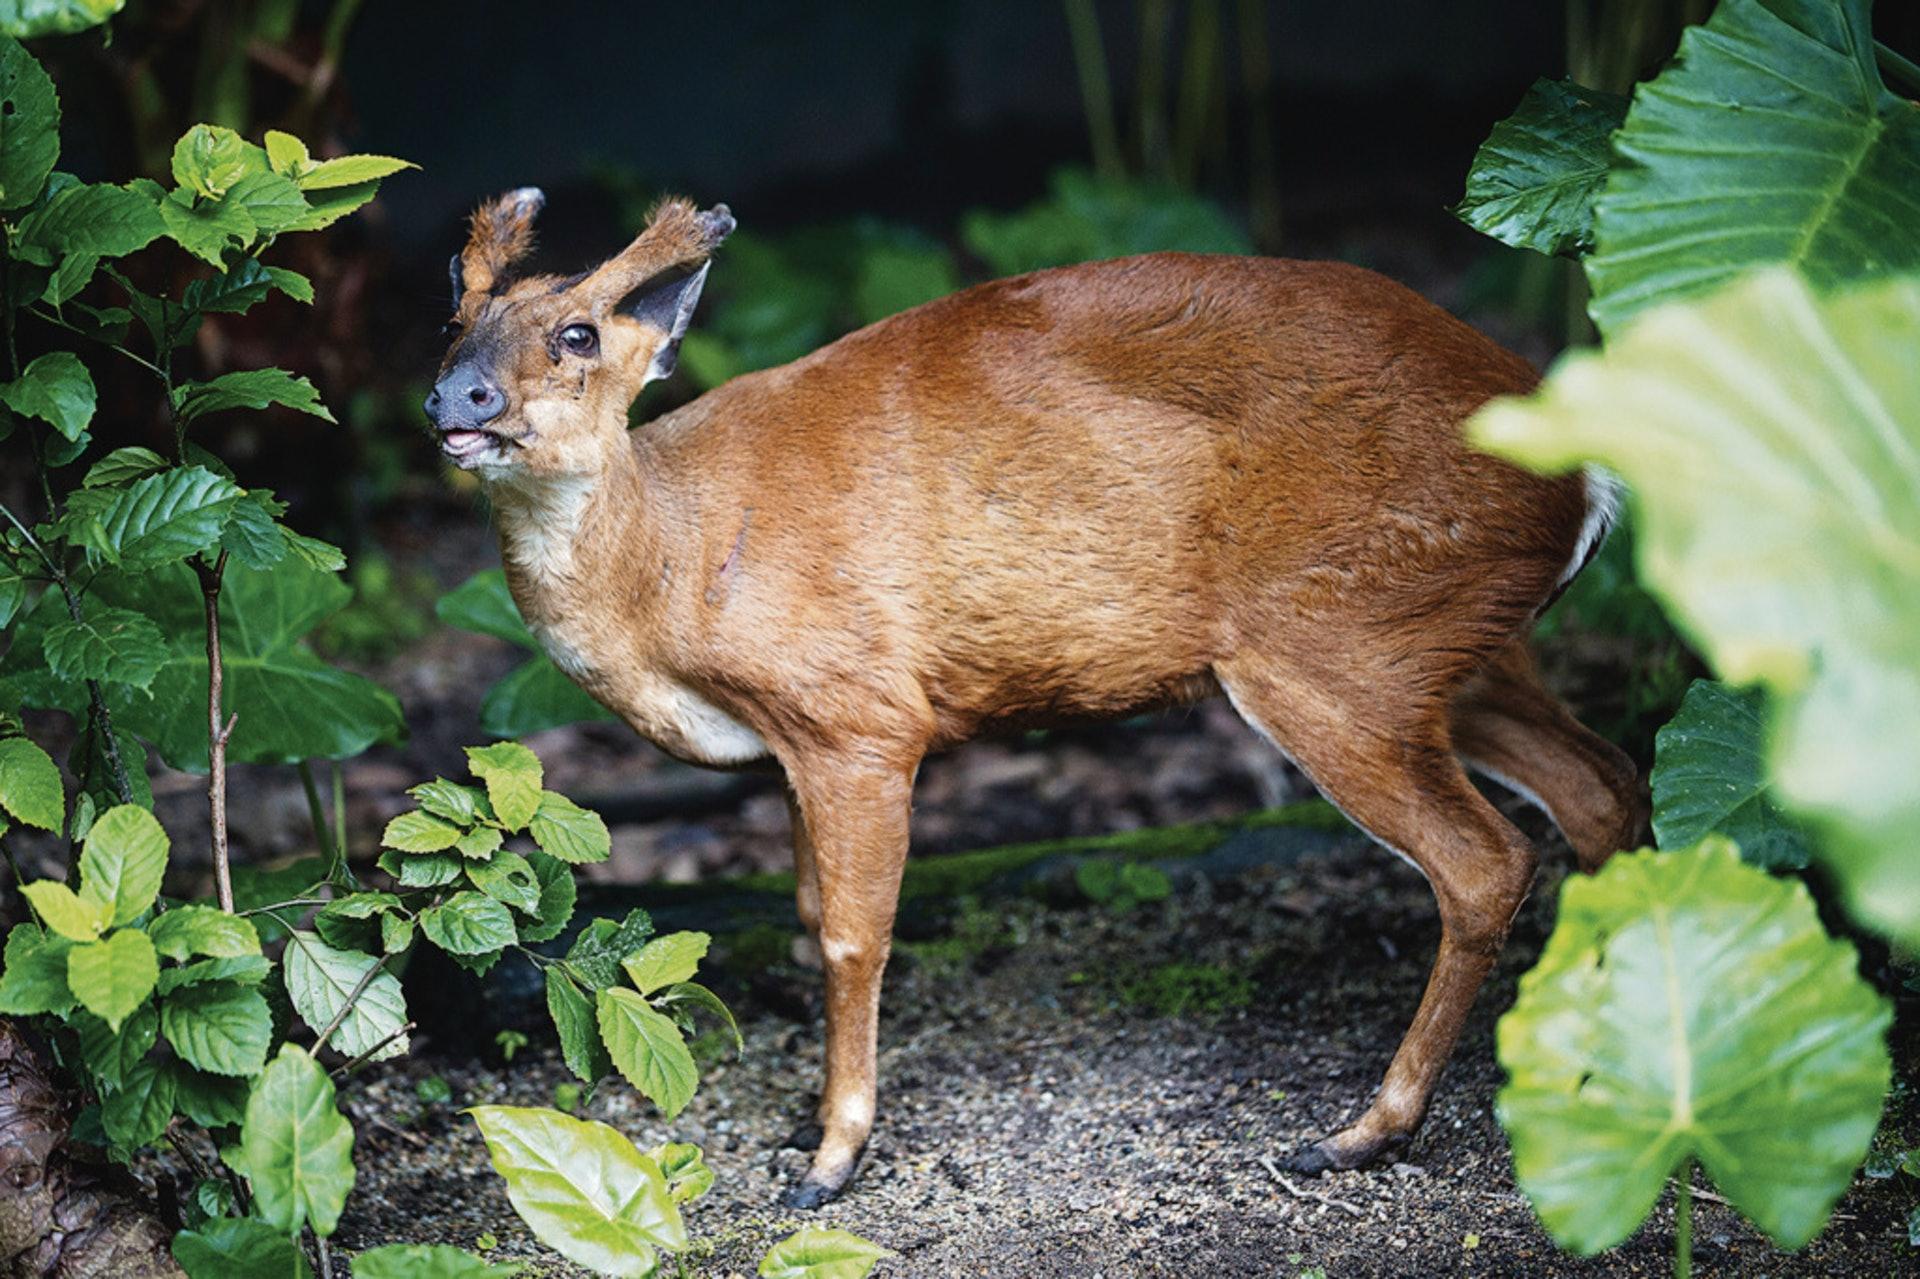 在郊野觀察動物,可更正面地建立欣賞大自然和尊重生命的態度。圖為山林中的赤麂。(資料圖片)